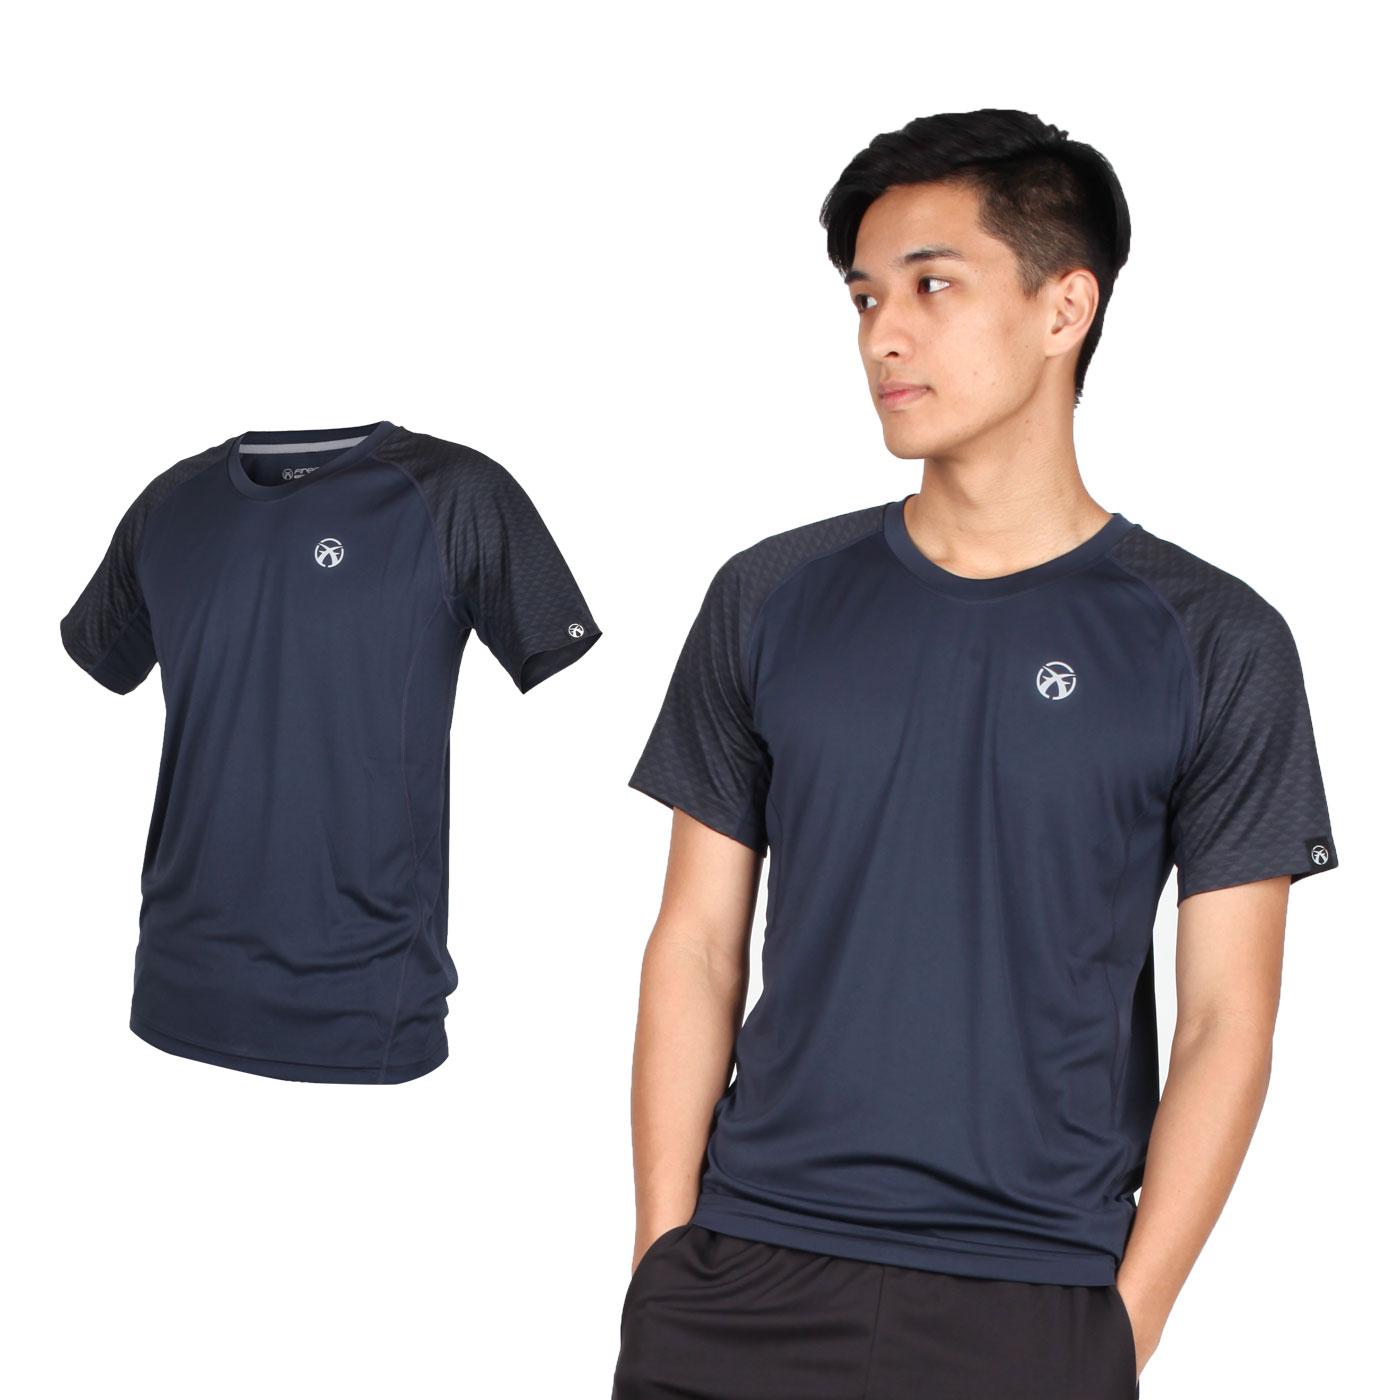 FIRESTAR 男款吸濕排汗圓領短袖T恤 D9235-10 - 丈青銀